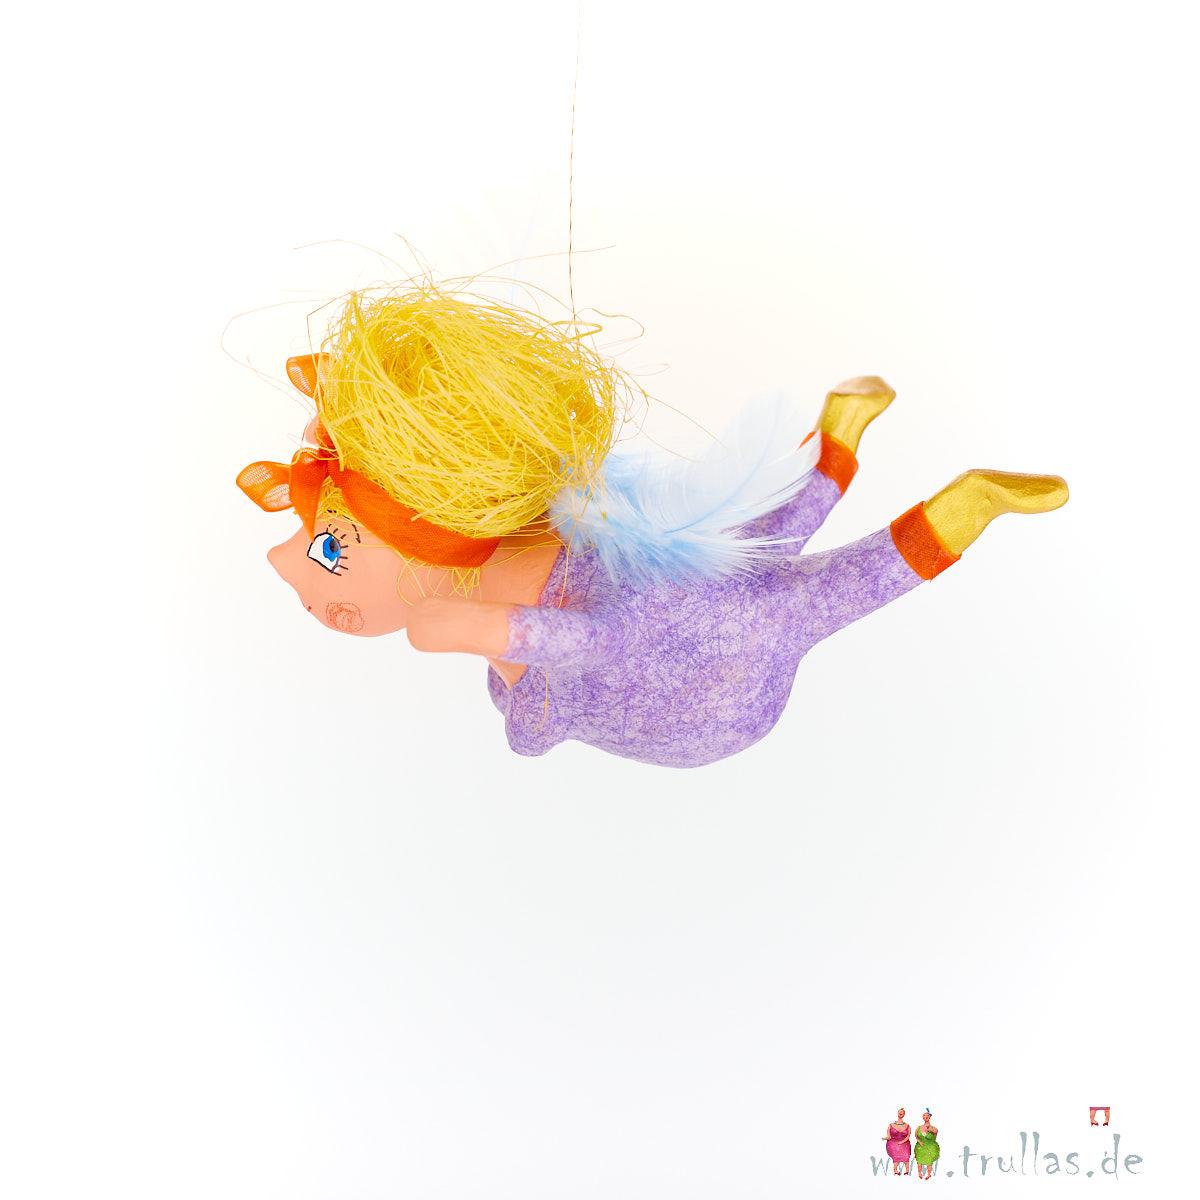 Schutzengelchen - Alina ist eine handgefertigte Figur aus Pappmachee. Trullas sind Geschenkideen fur Menschen die handgemachte Kunst schätzen.